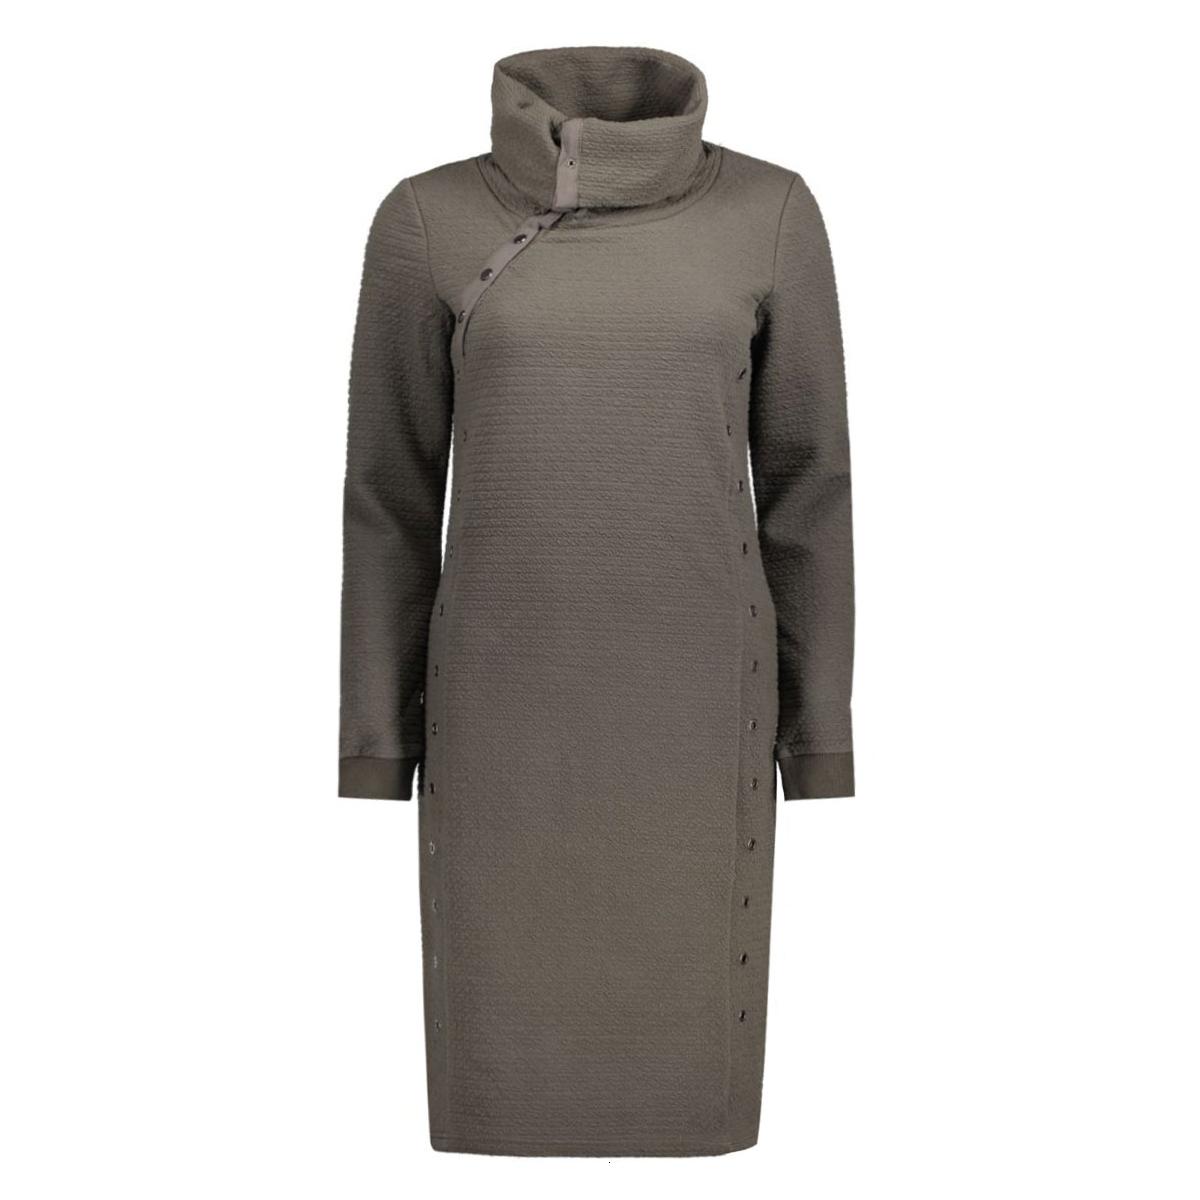 objjira l/s sweat knee dress 88 23023426 object jurk beluga